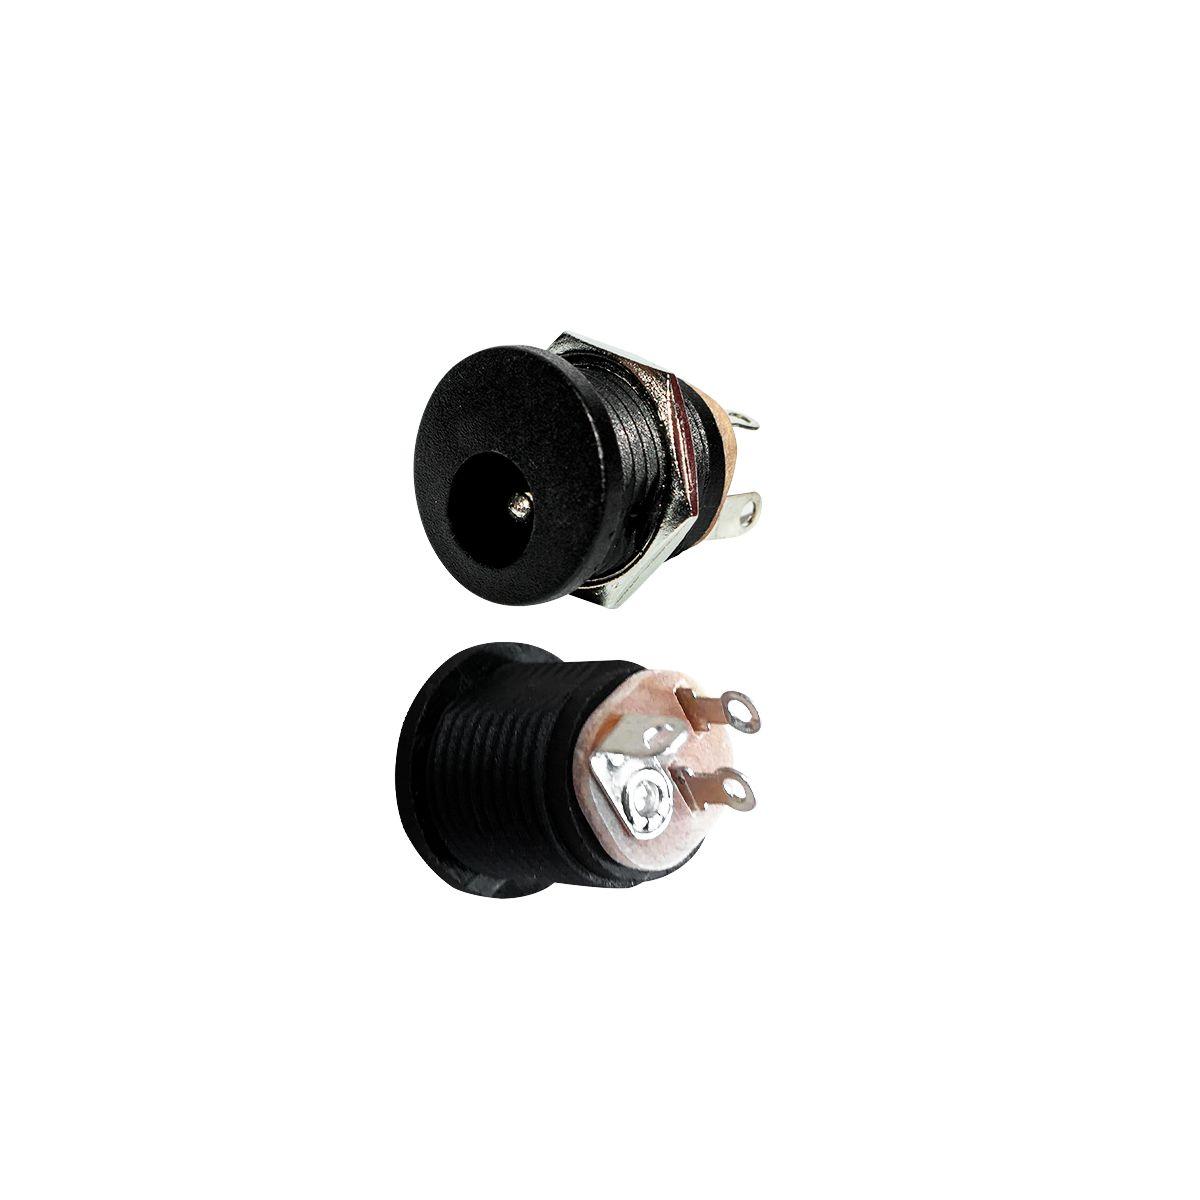 Kit 5 Unidades Conector Energia Pulverizador Elétrico 5/8/10L e Lavadoras